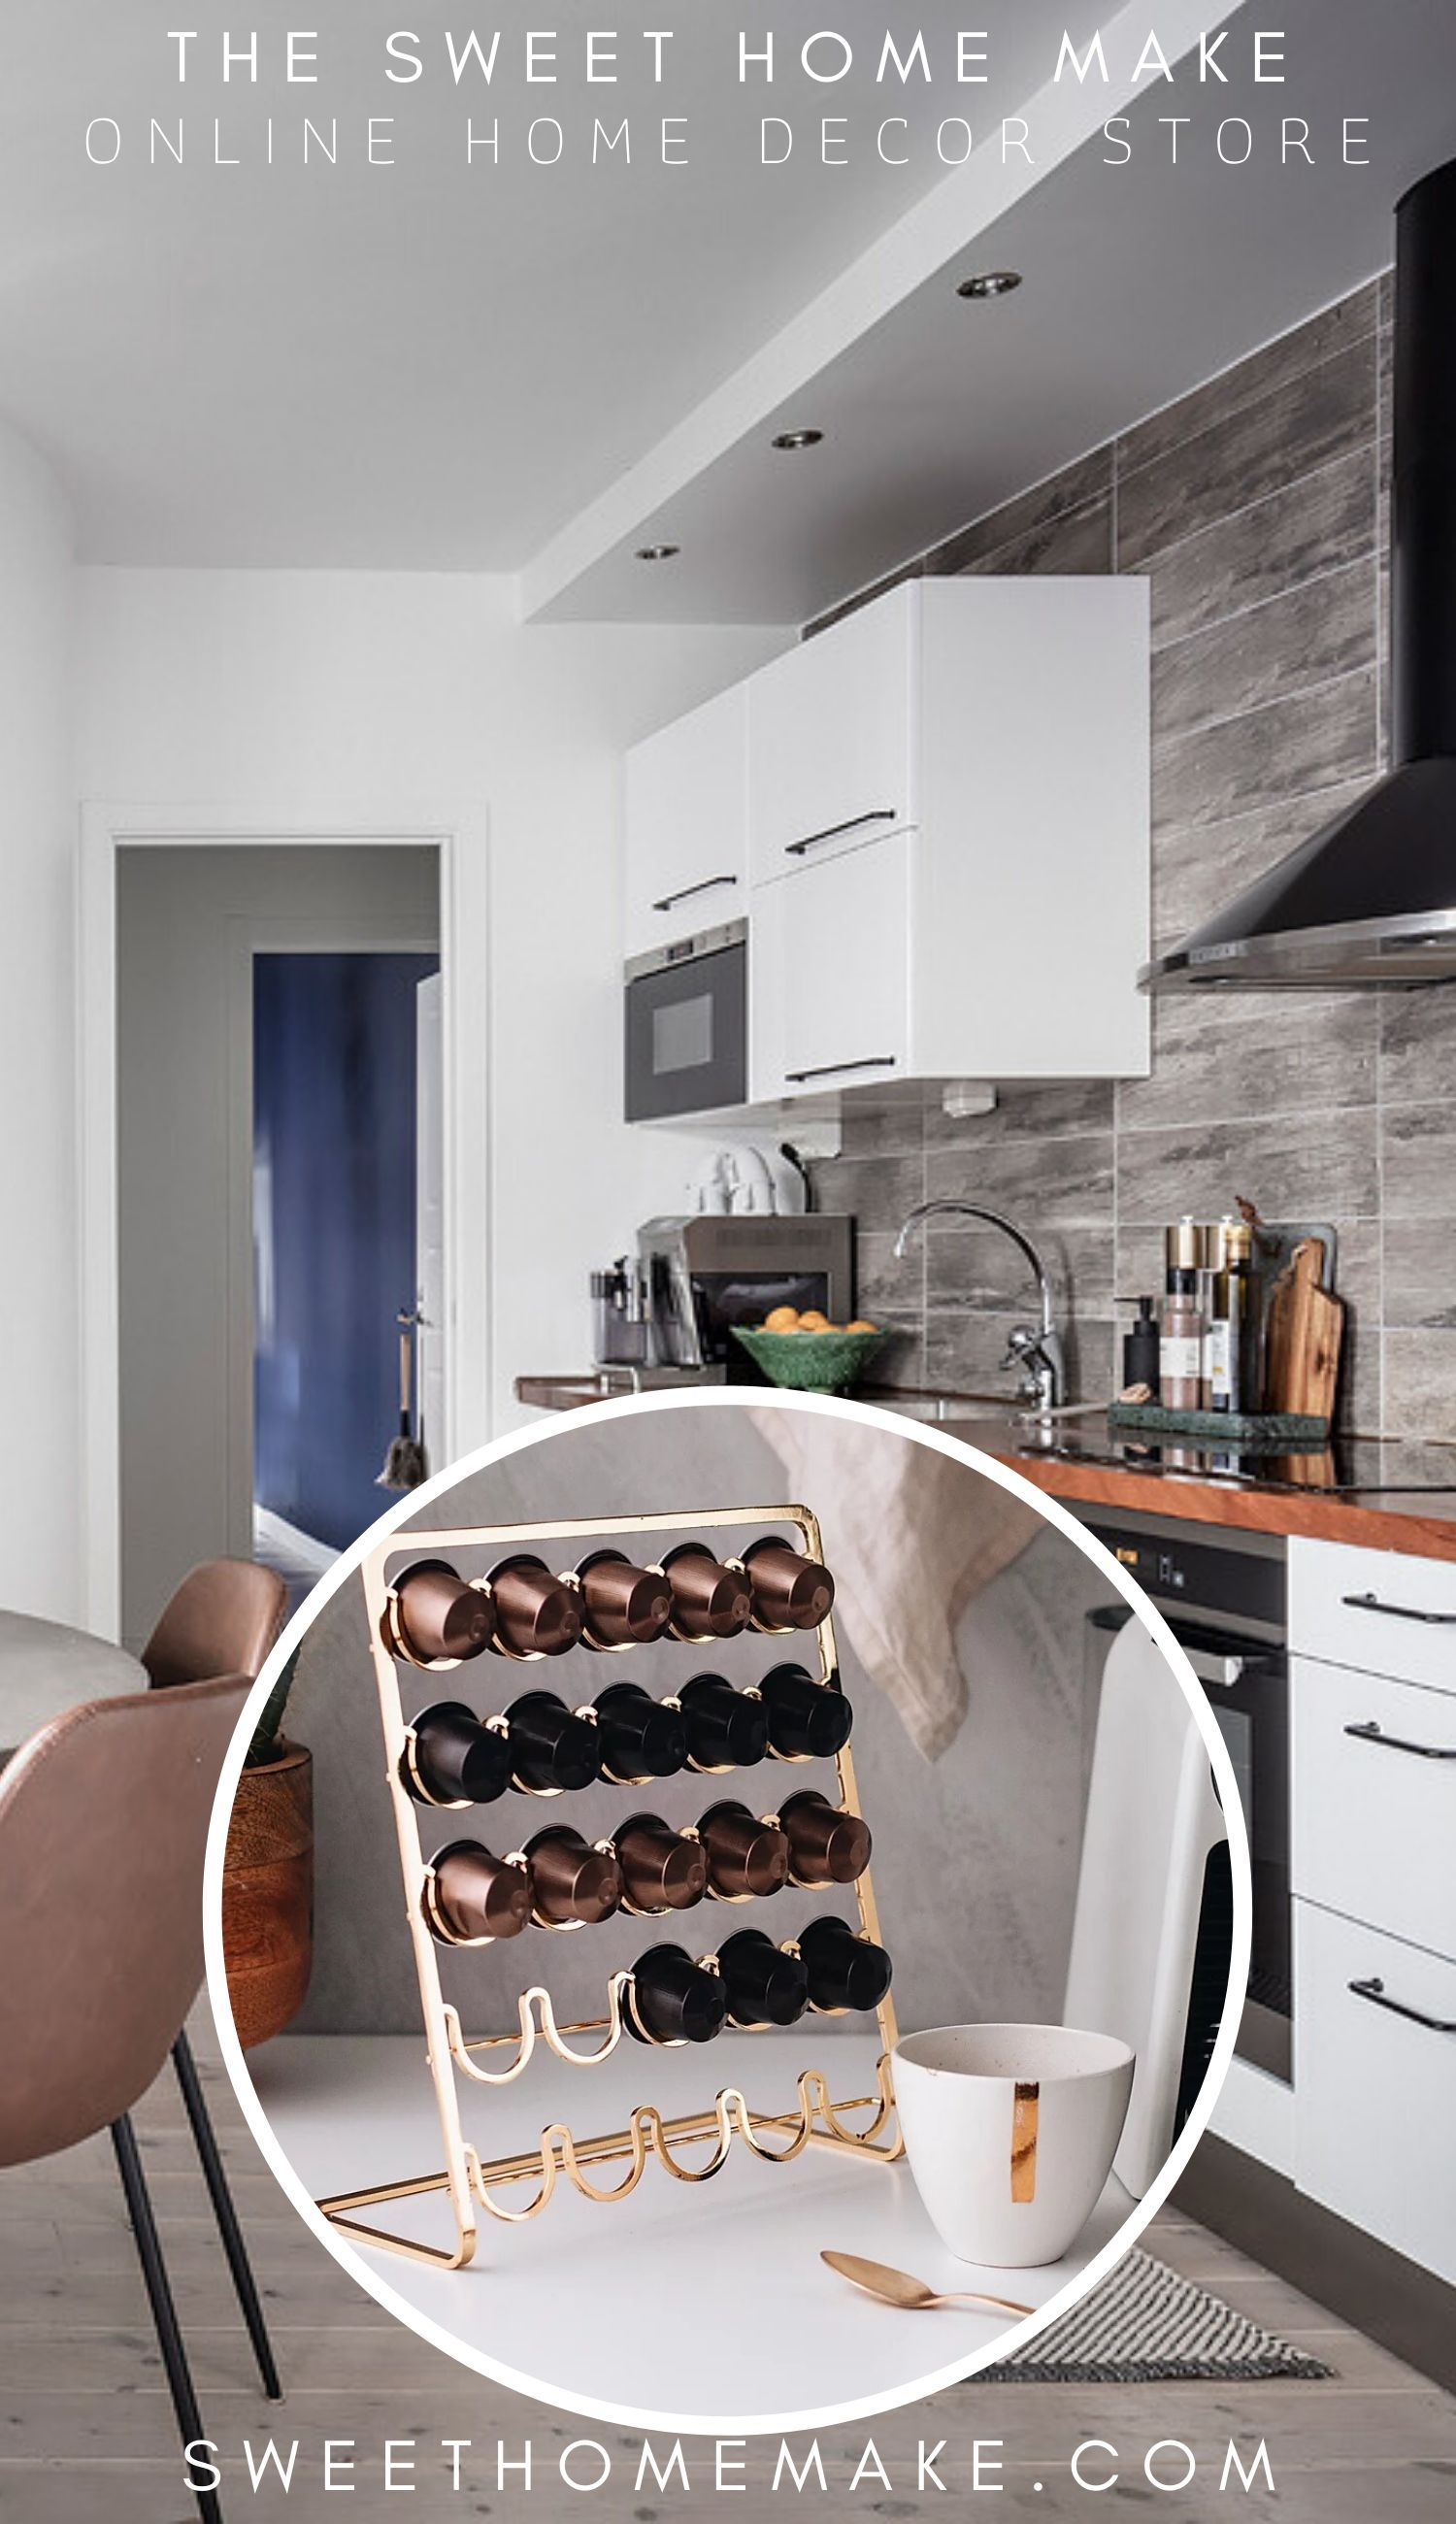 Photo of Nespresso Capsule Holder for detaljer i messing og kobber